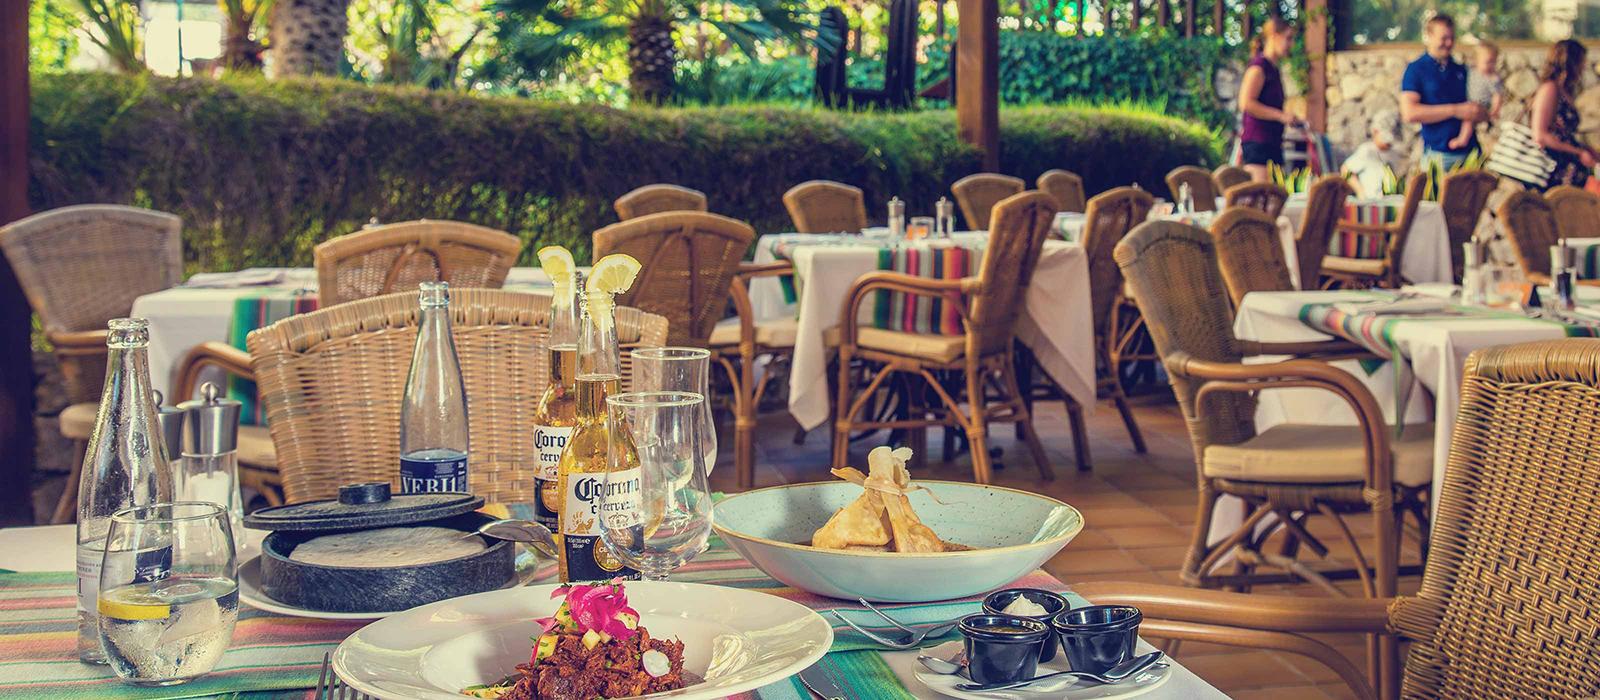 Resort-Gastronomia-cabecera2-2